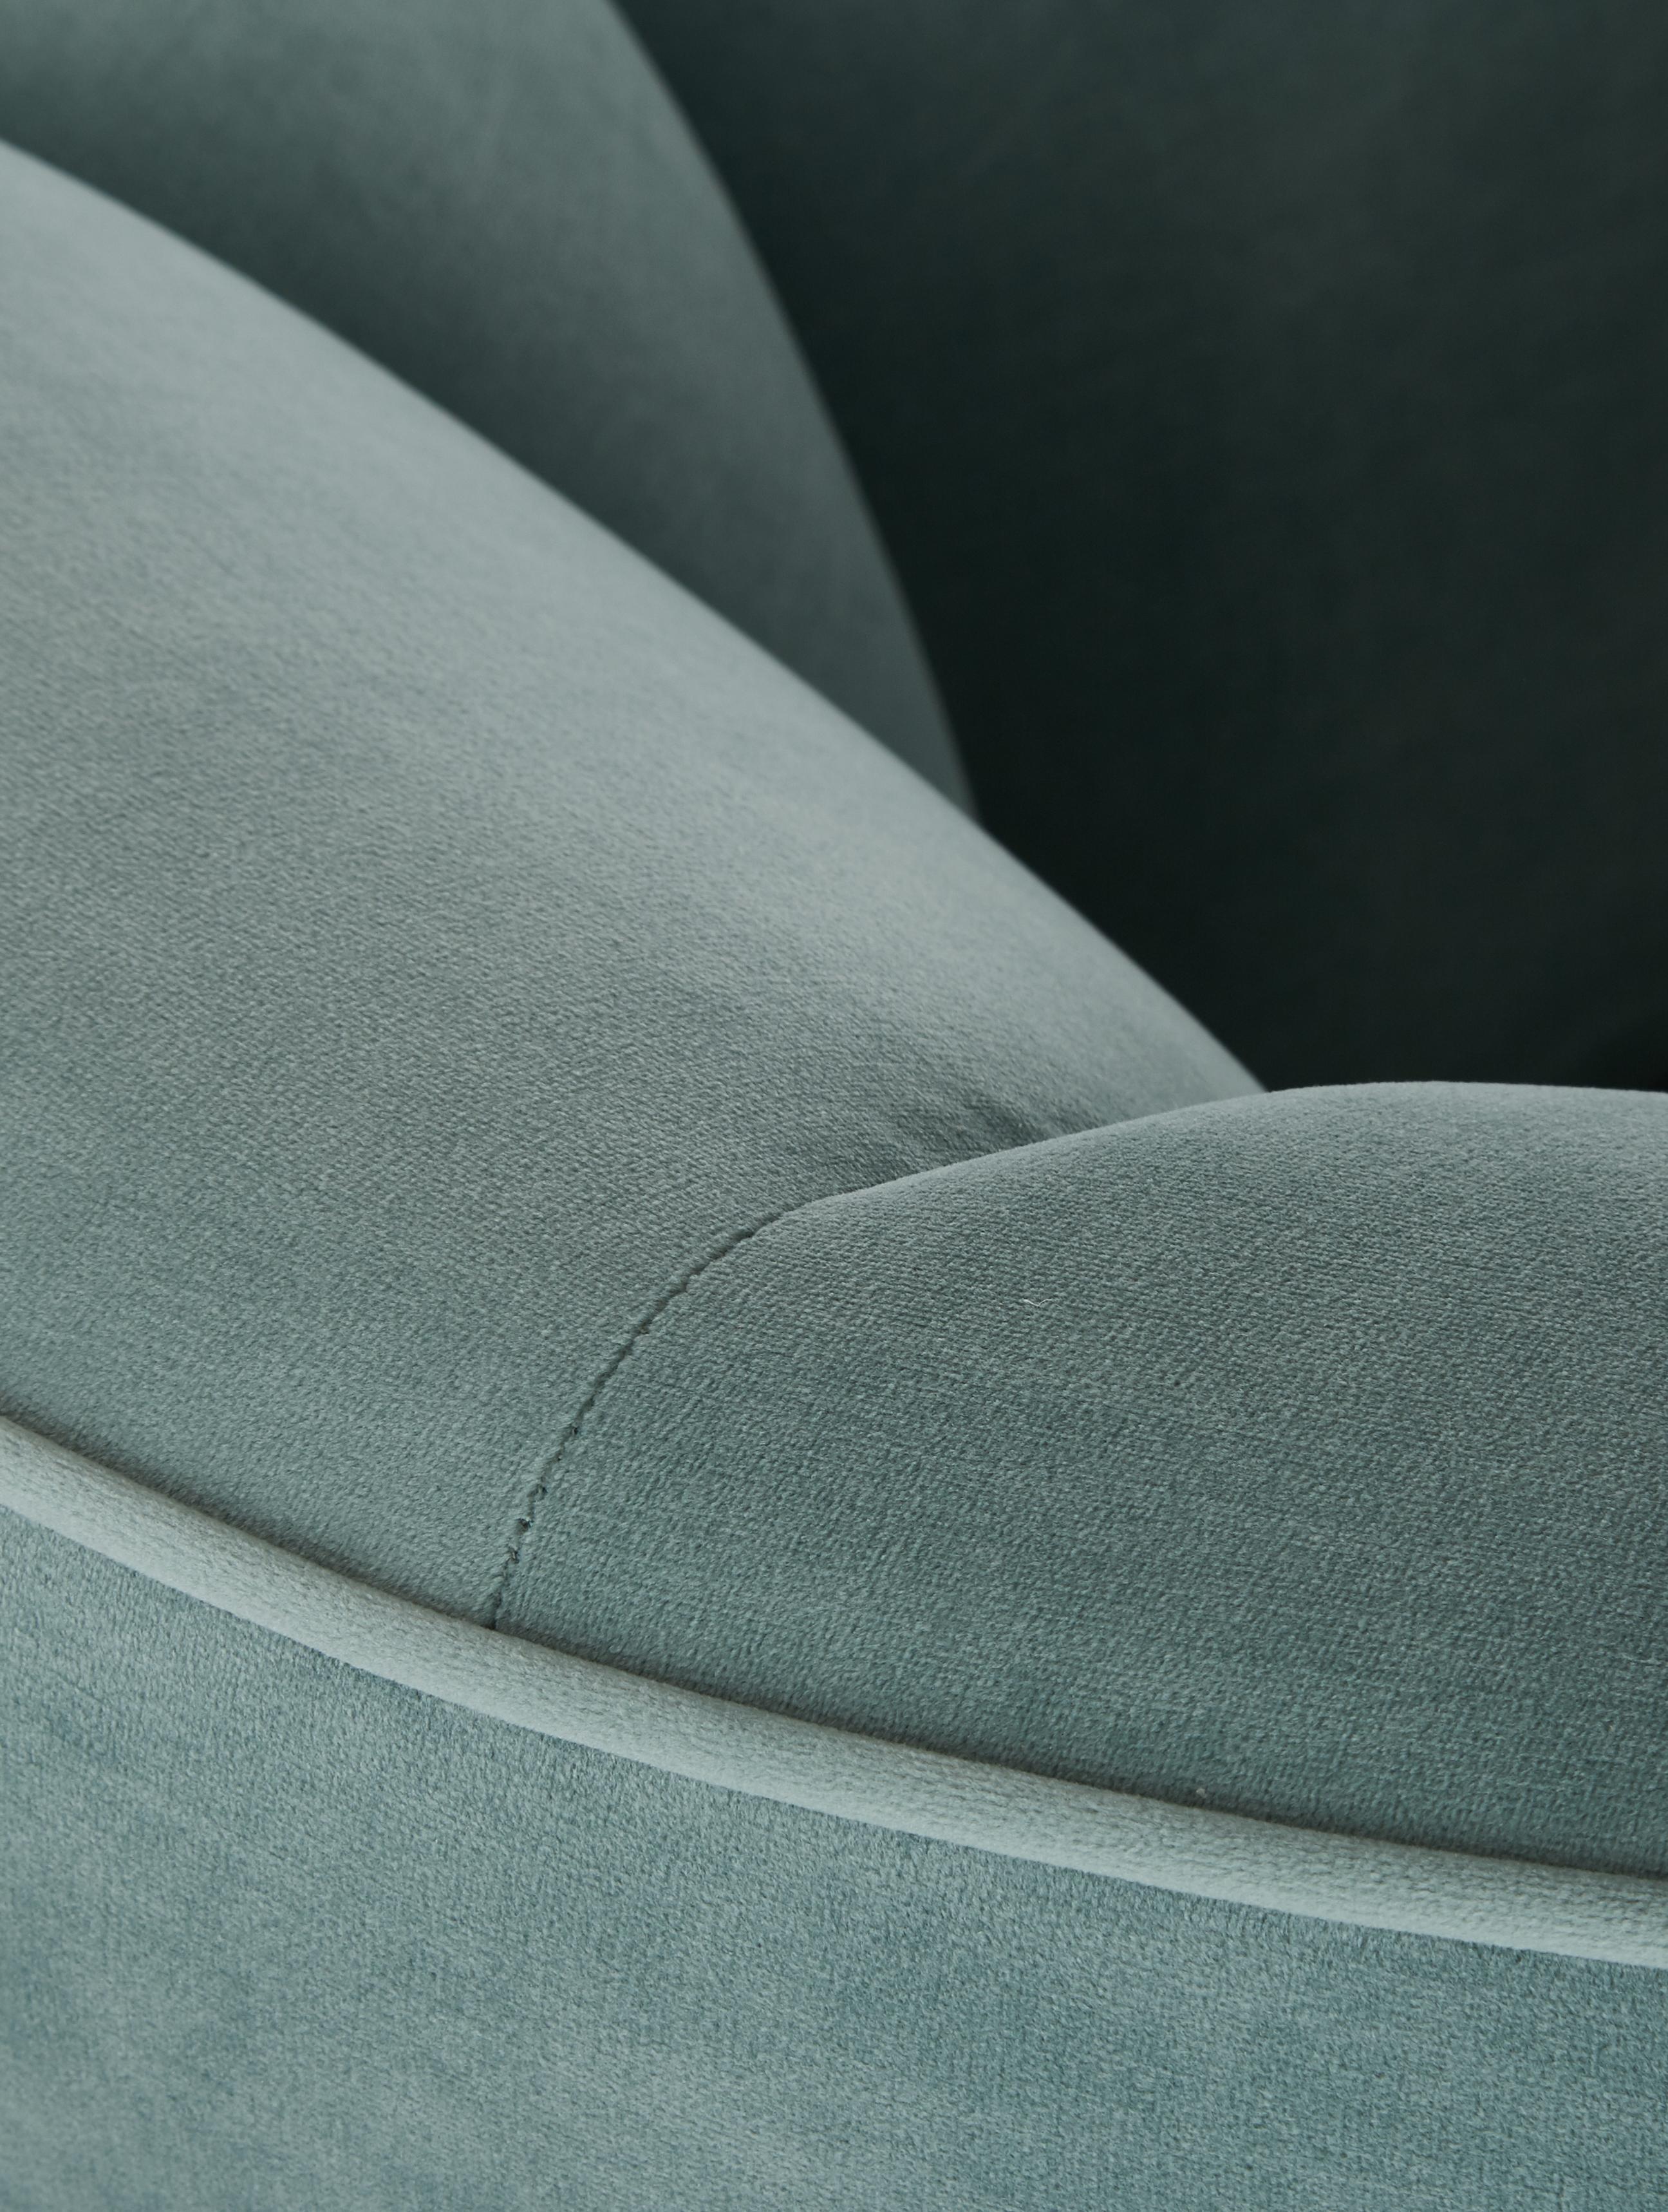 Samt-Cocktailsessel Louise in Salbeifarben, Bezug: Samt (Polyester) 30.000 S, Füße: Metall, beschichtet, Samt Salbeifarben, B 76 x T 75 cm